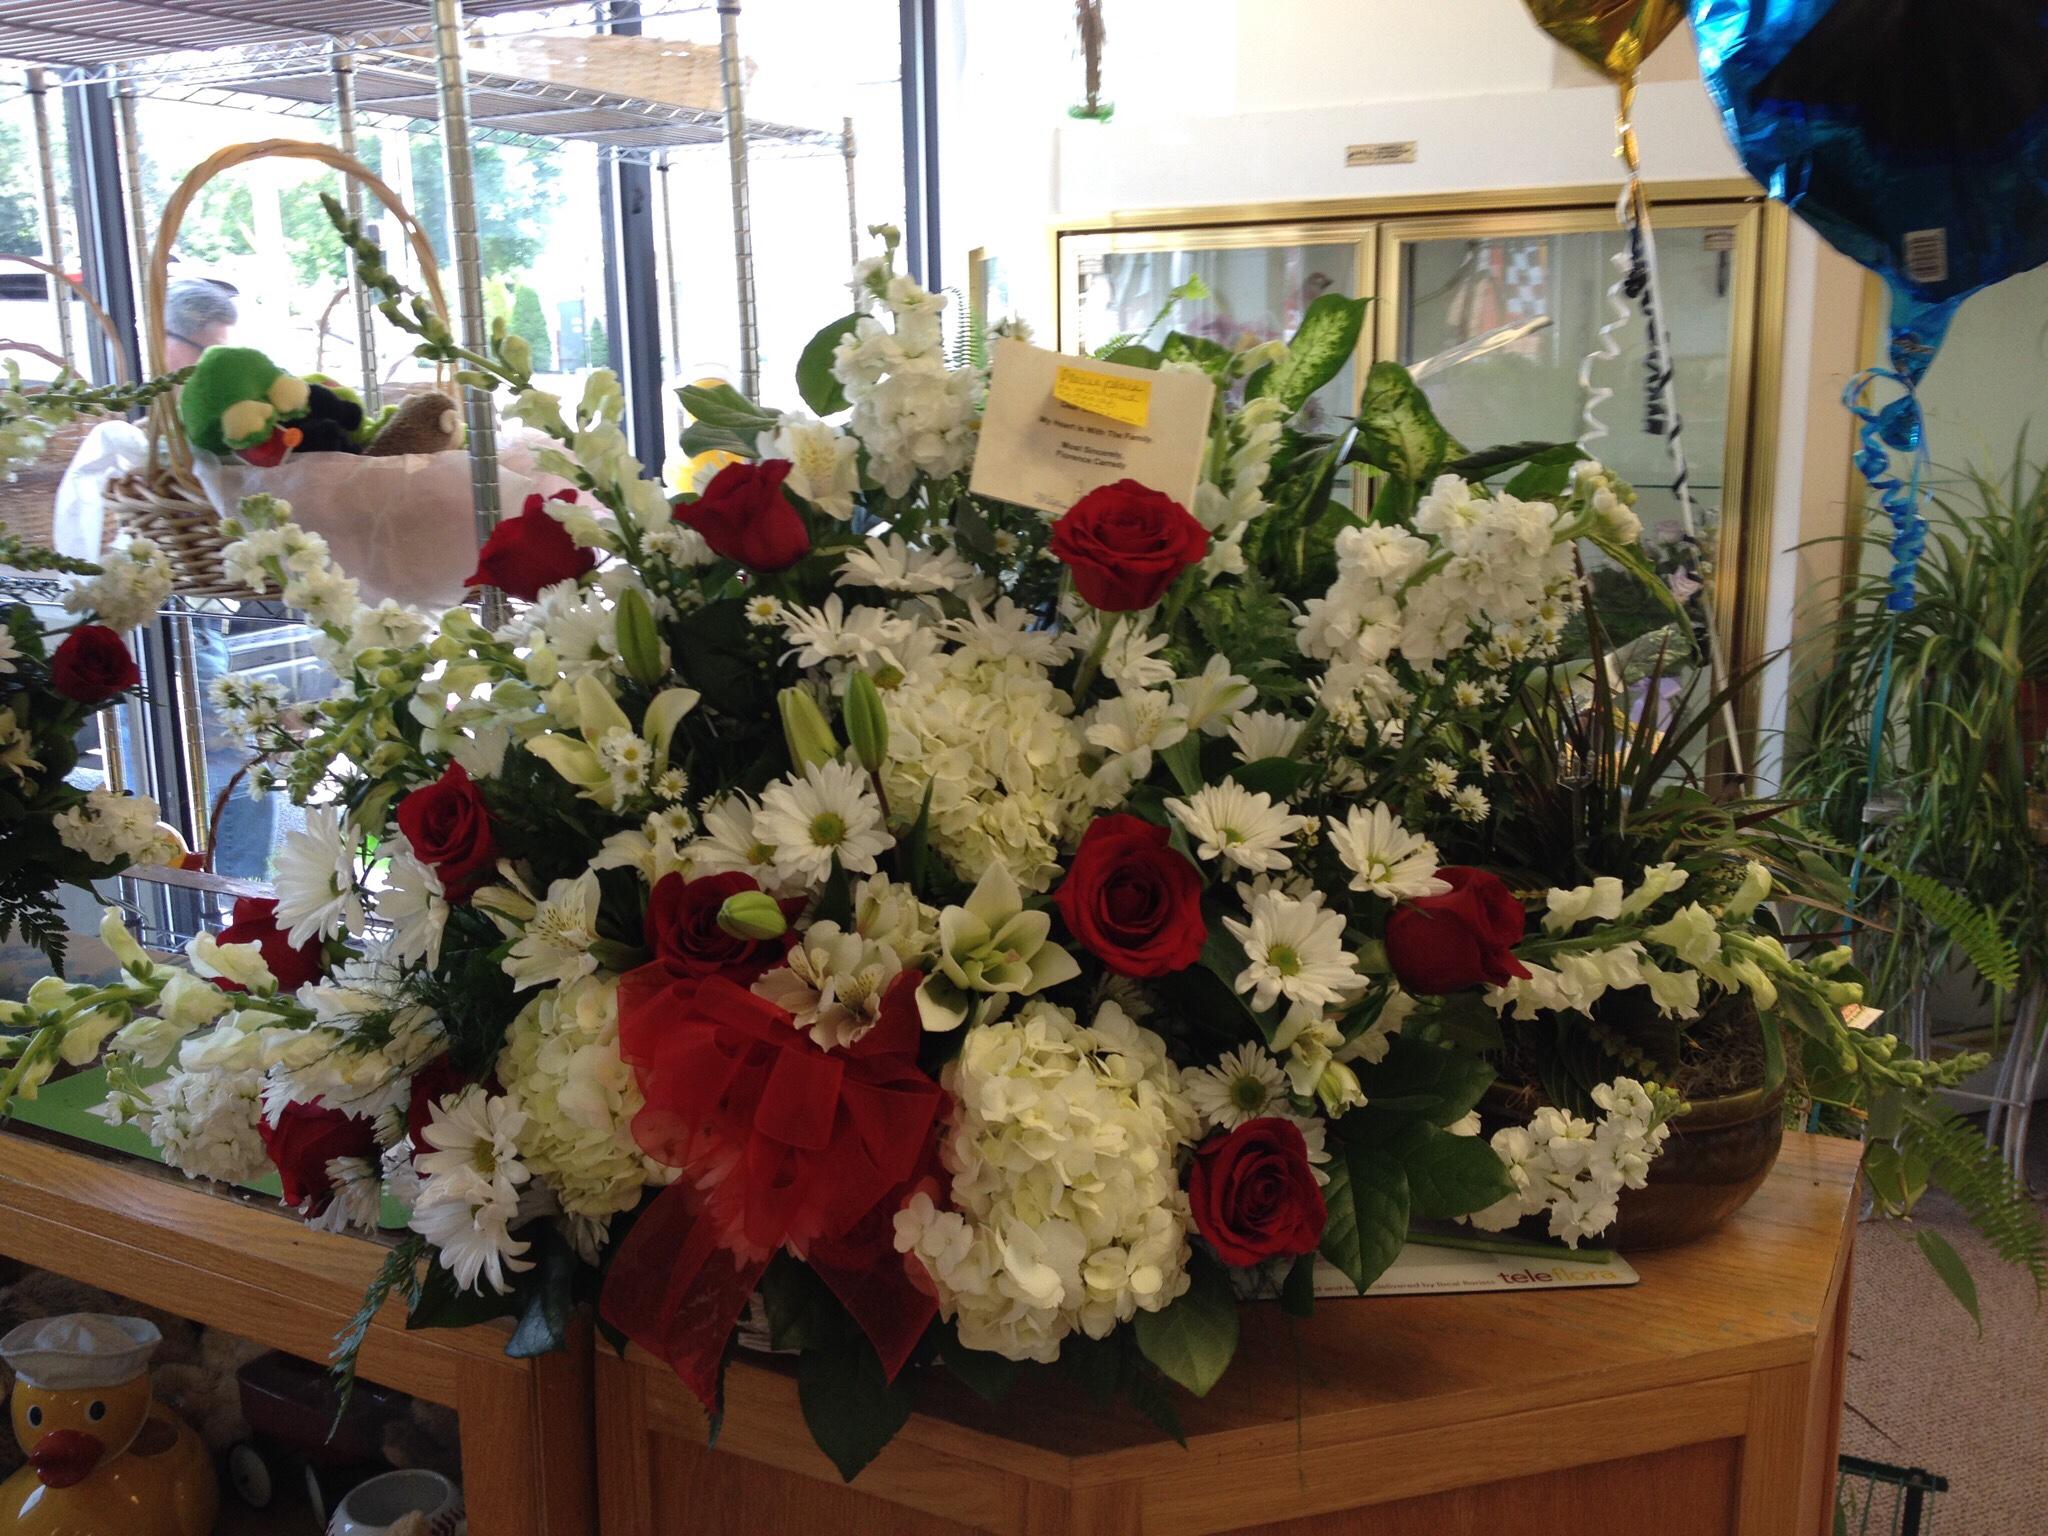 Floor Arrangement - Roses, Hydrangea, Lilies, Snapdragon